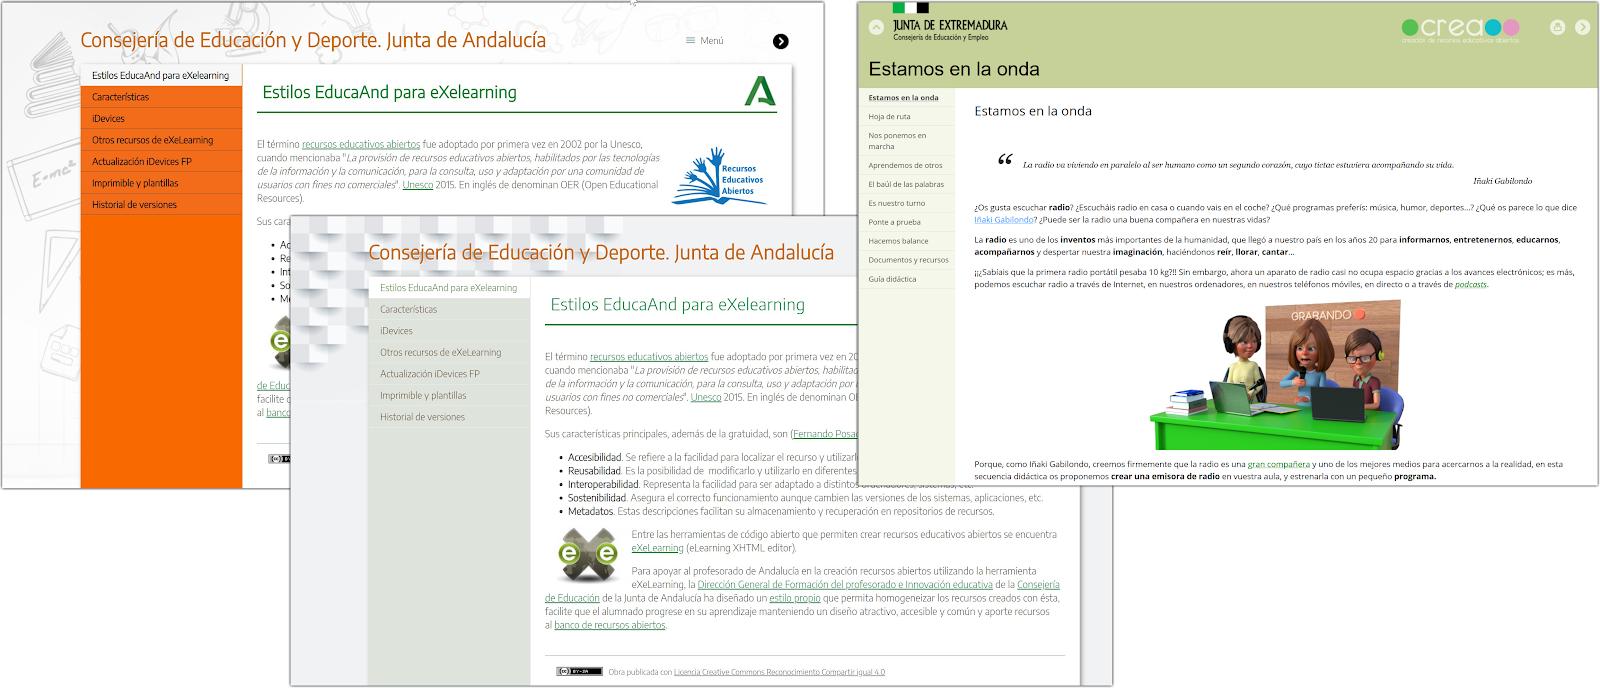 Estilos de Andalucía y Extremadura